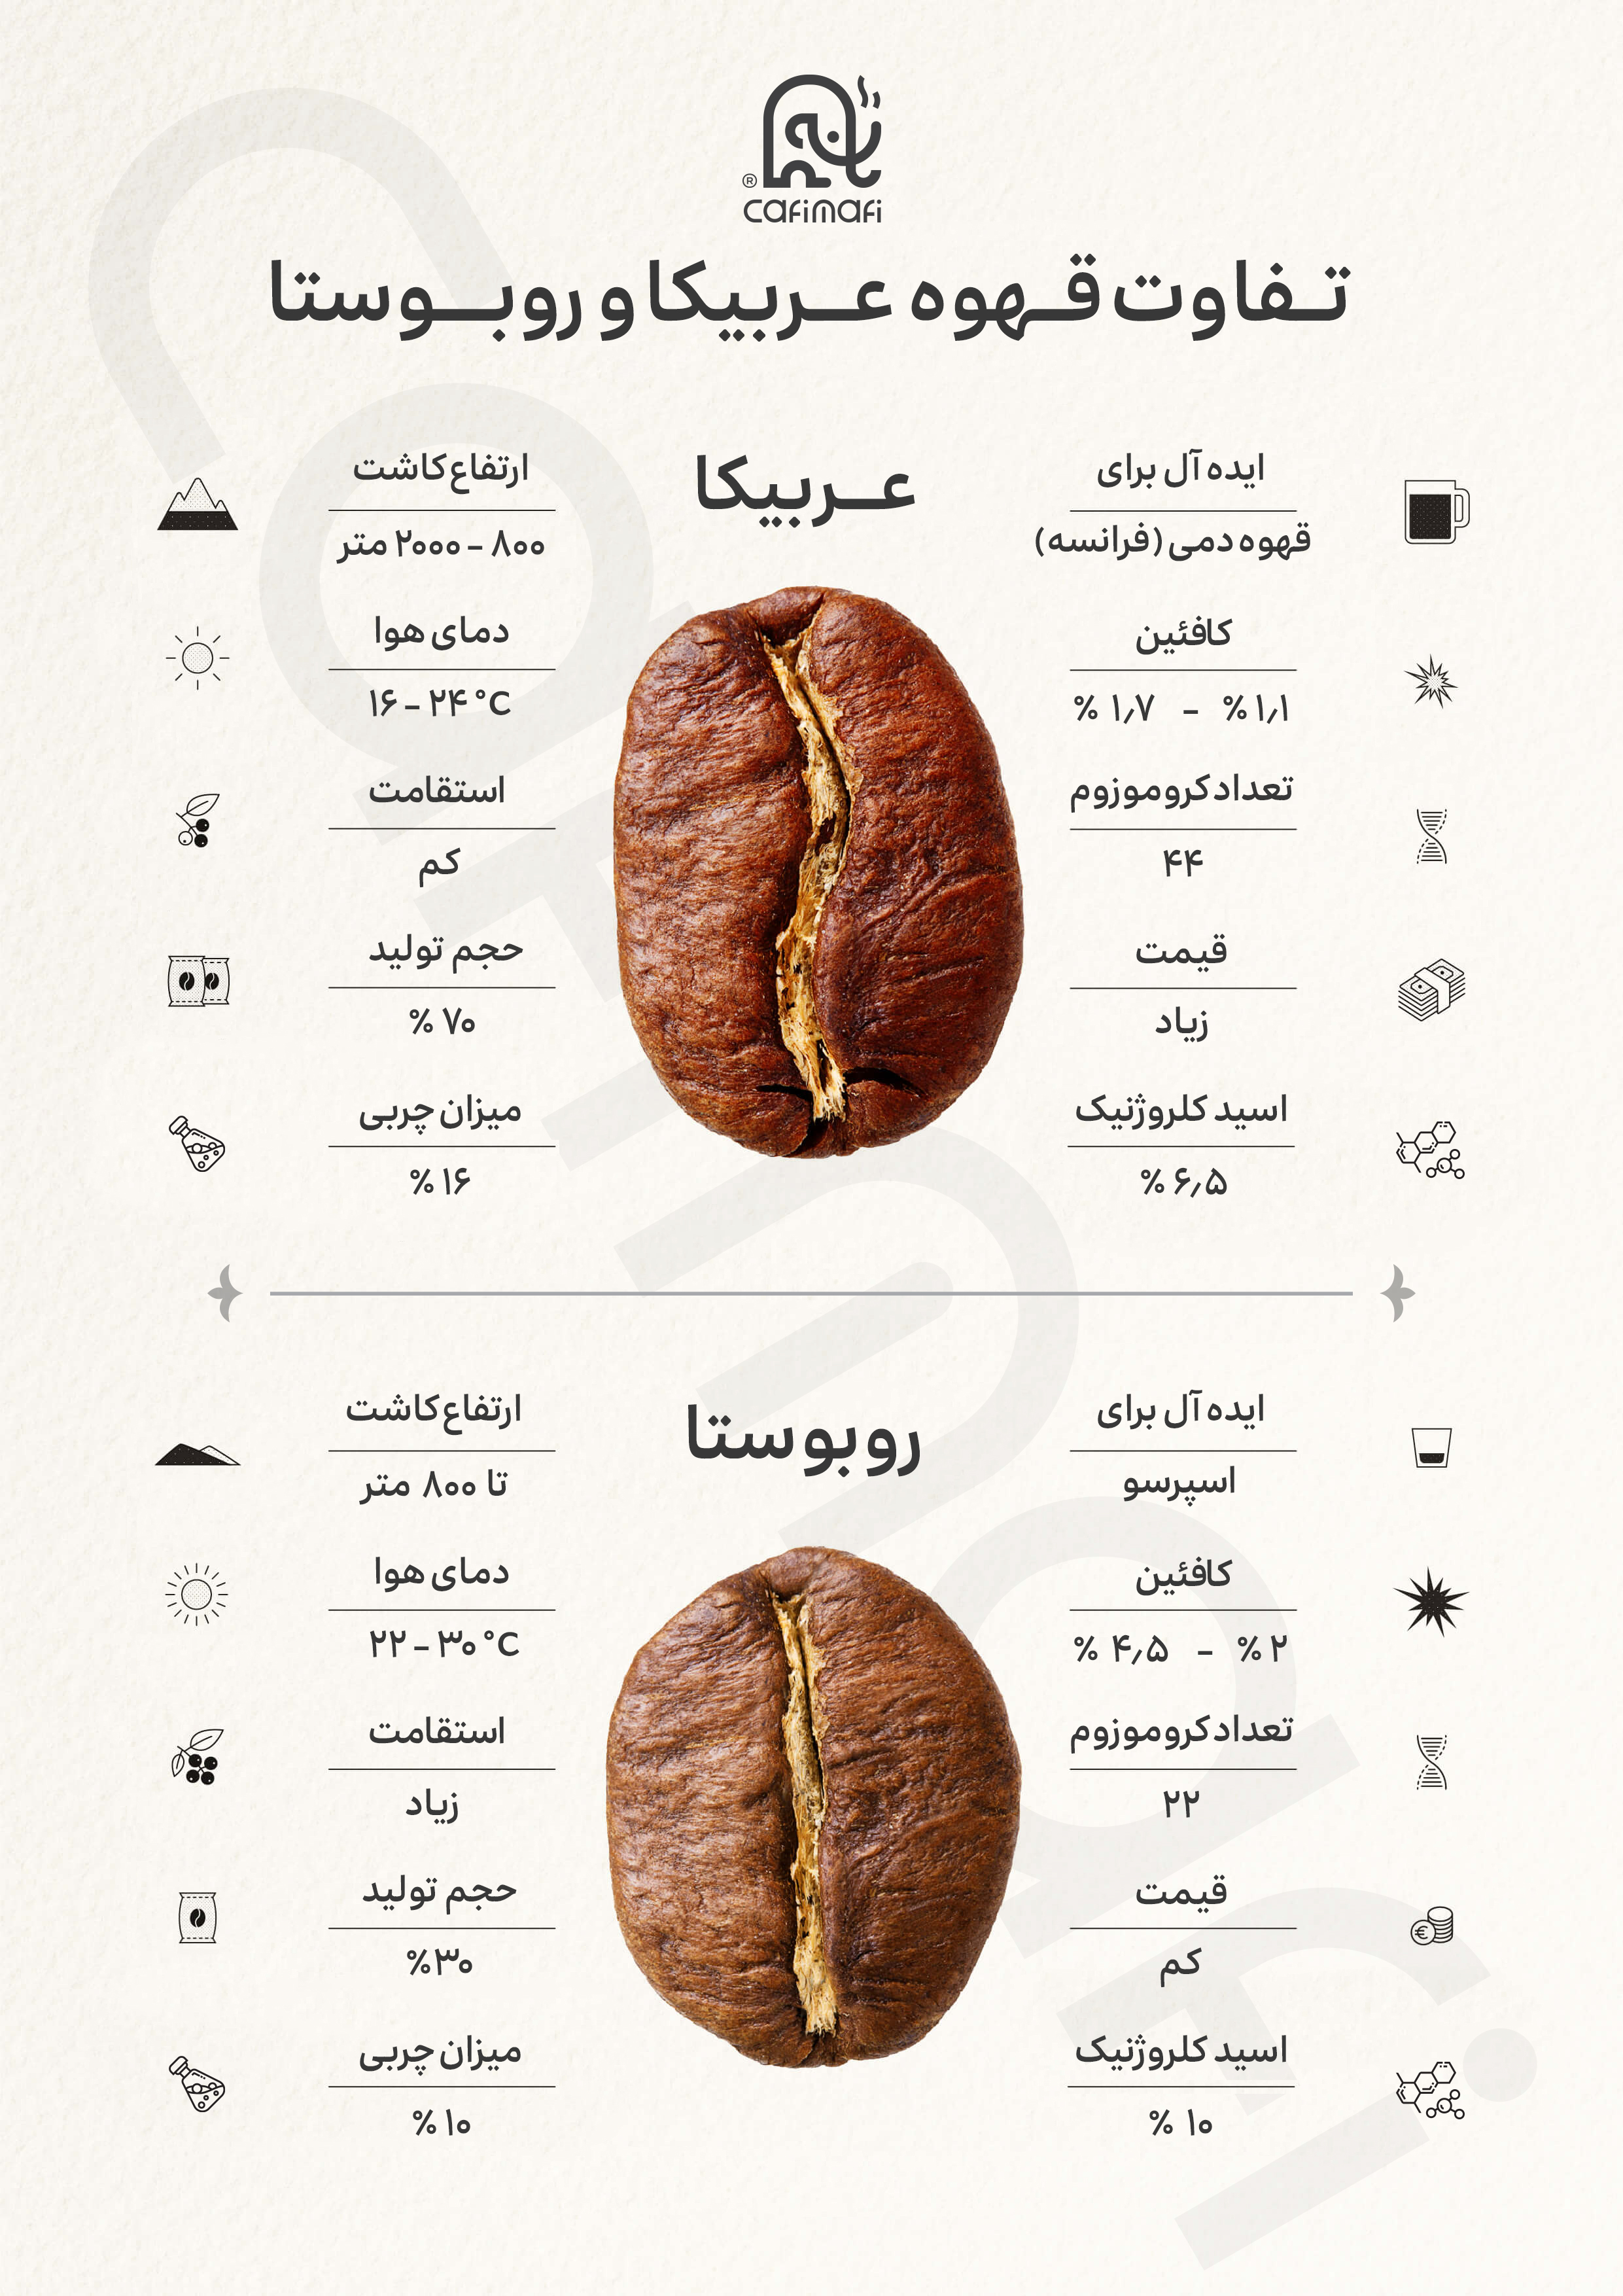 انواع قهوه - عربیکا و روبوستا